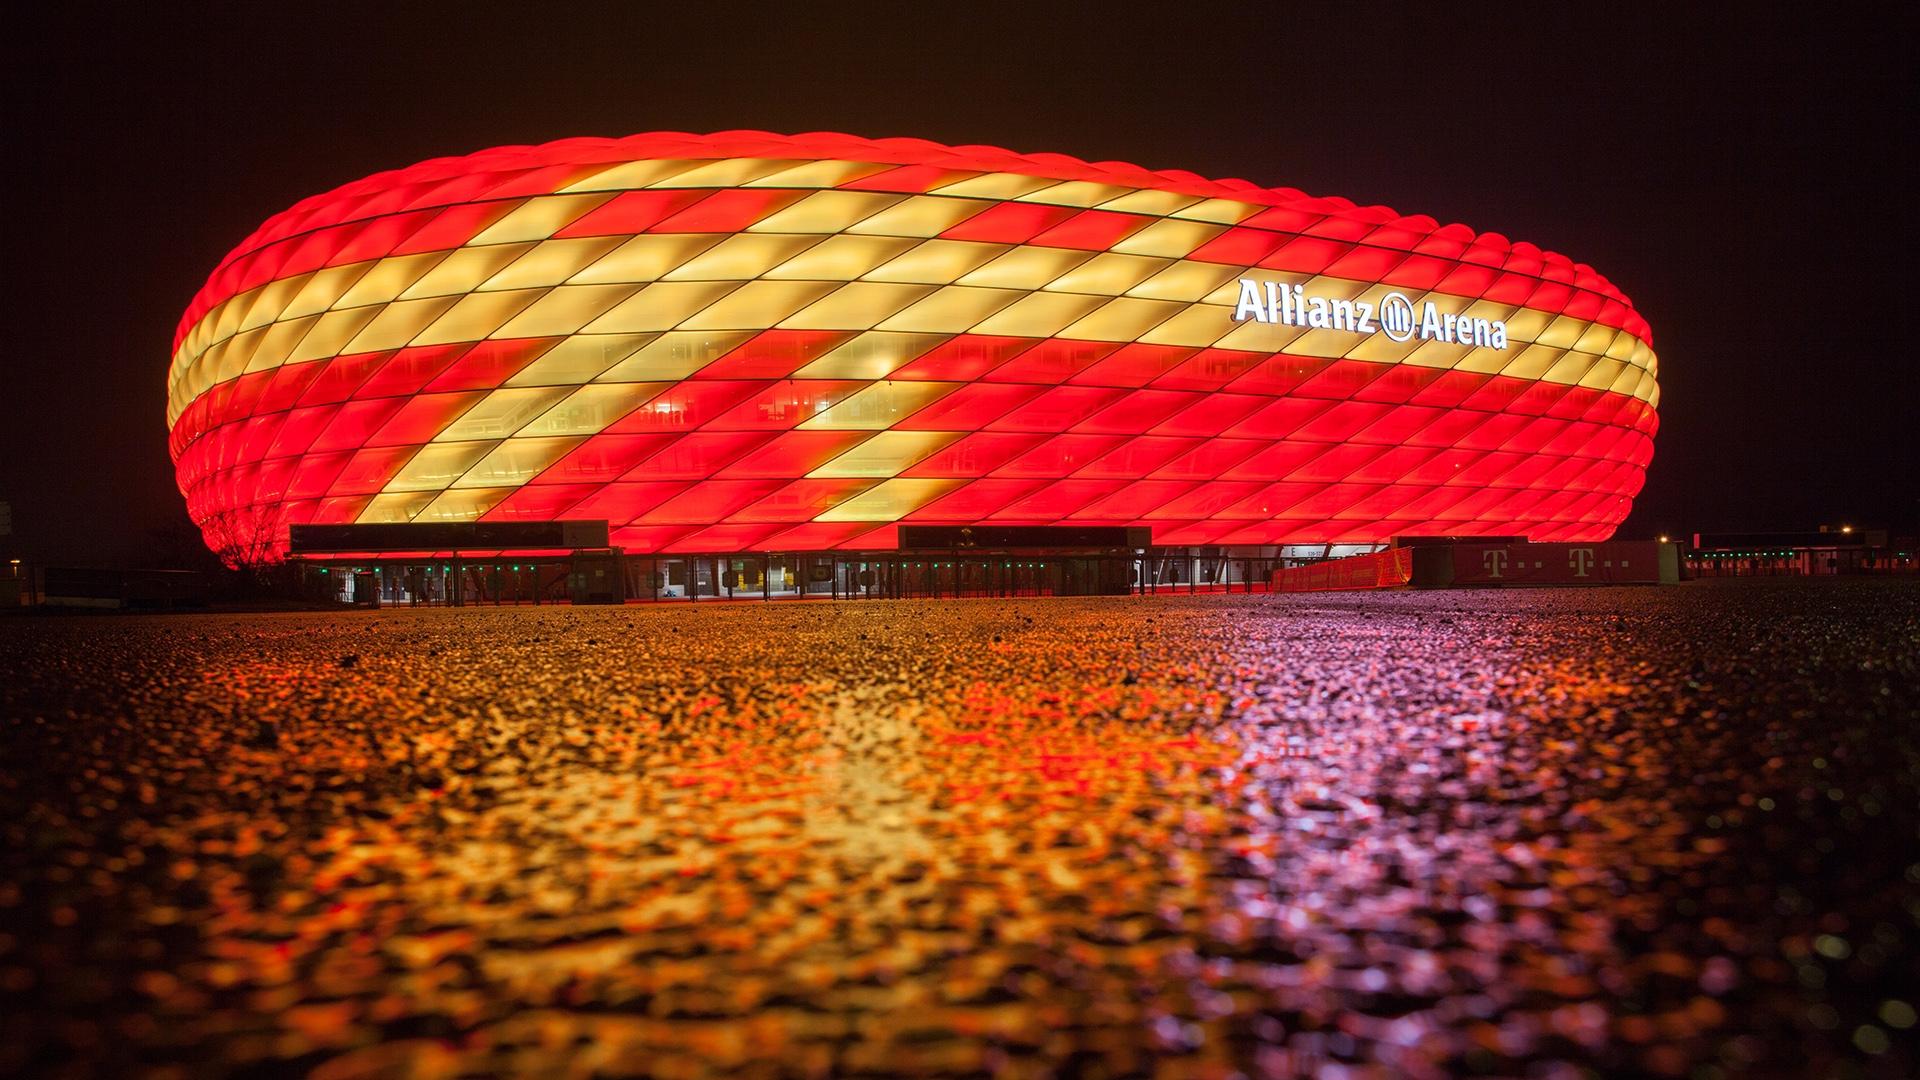 10 SVĐ hút khán giả nhất châu Âu: Không Anfield; Có Old Trafford - Bóng Đá